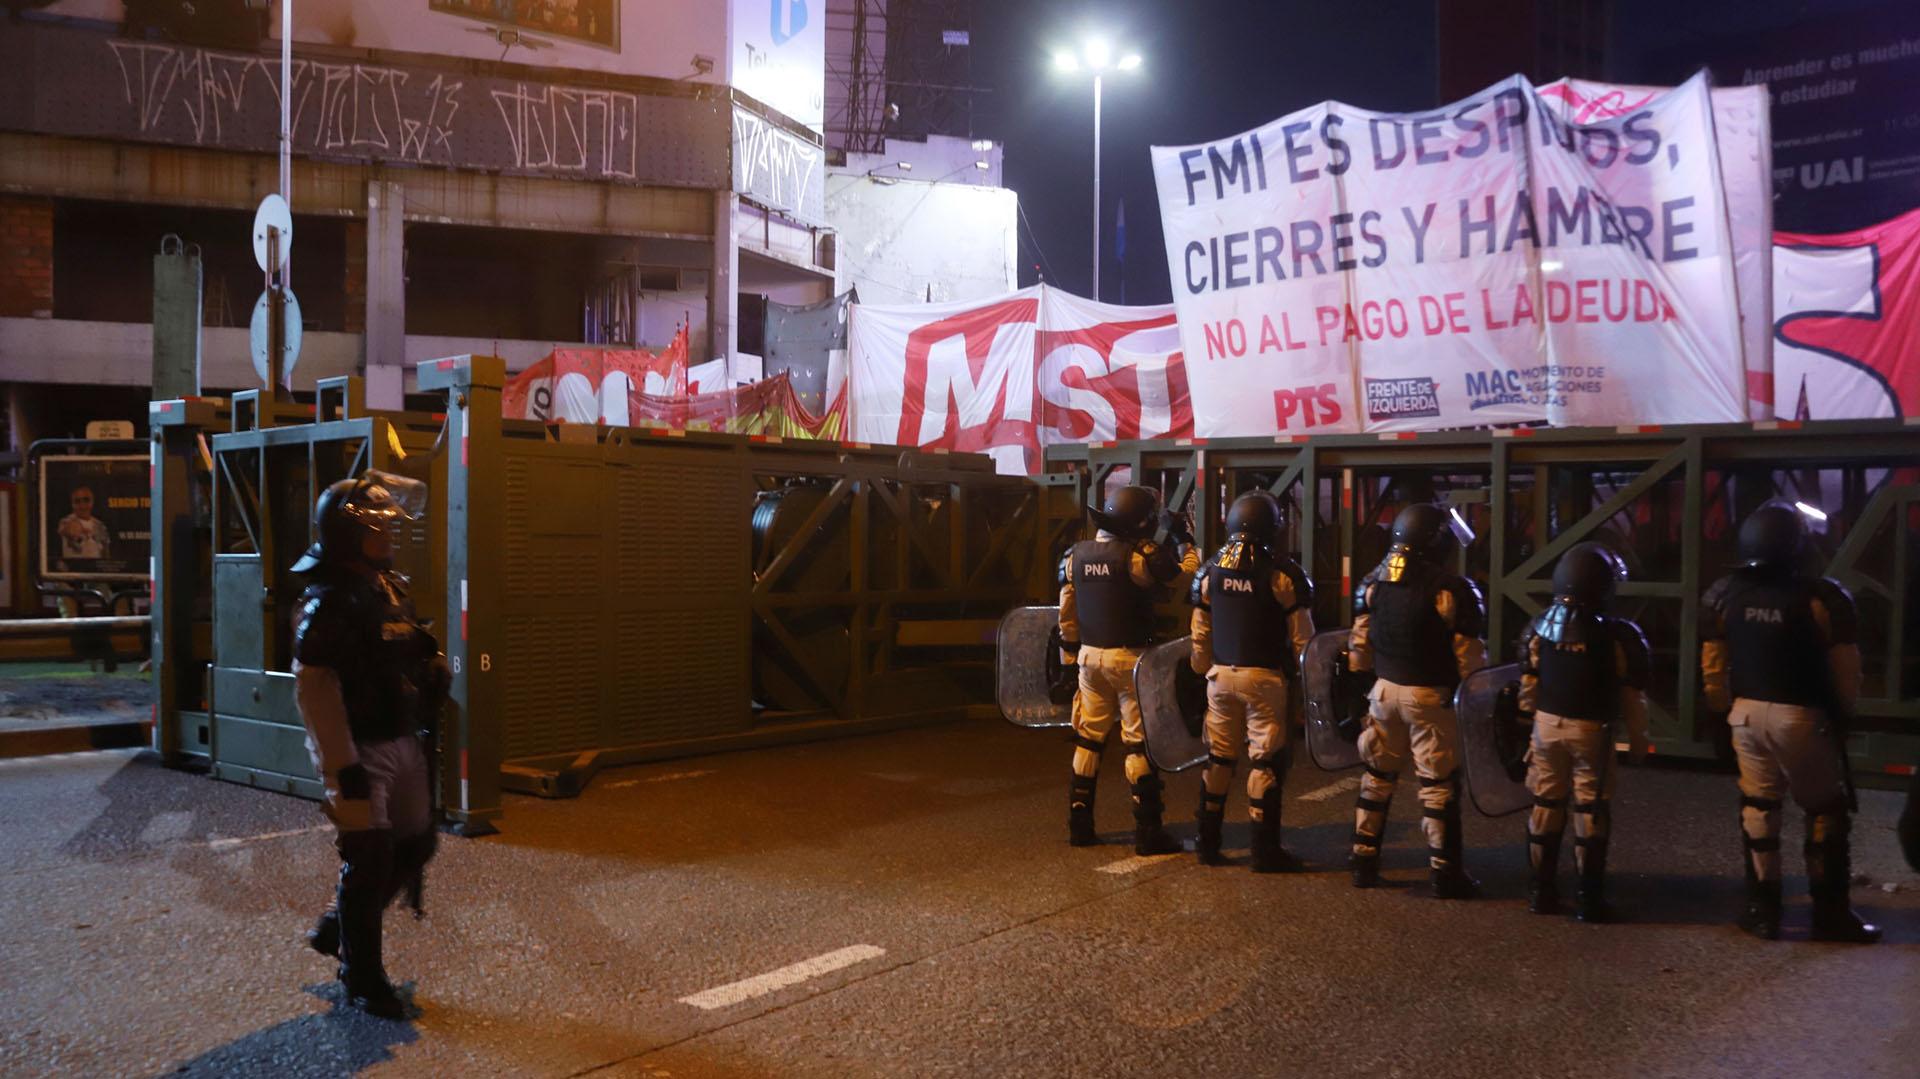 Subida al Puente Pueyrredón. Efectivos de Prefectura impiden que los manifestantes crucen hacia la Ciudad de Buenos Aires